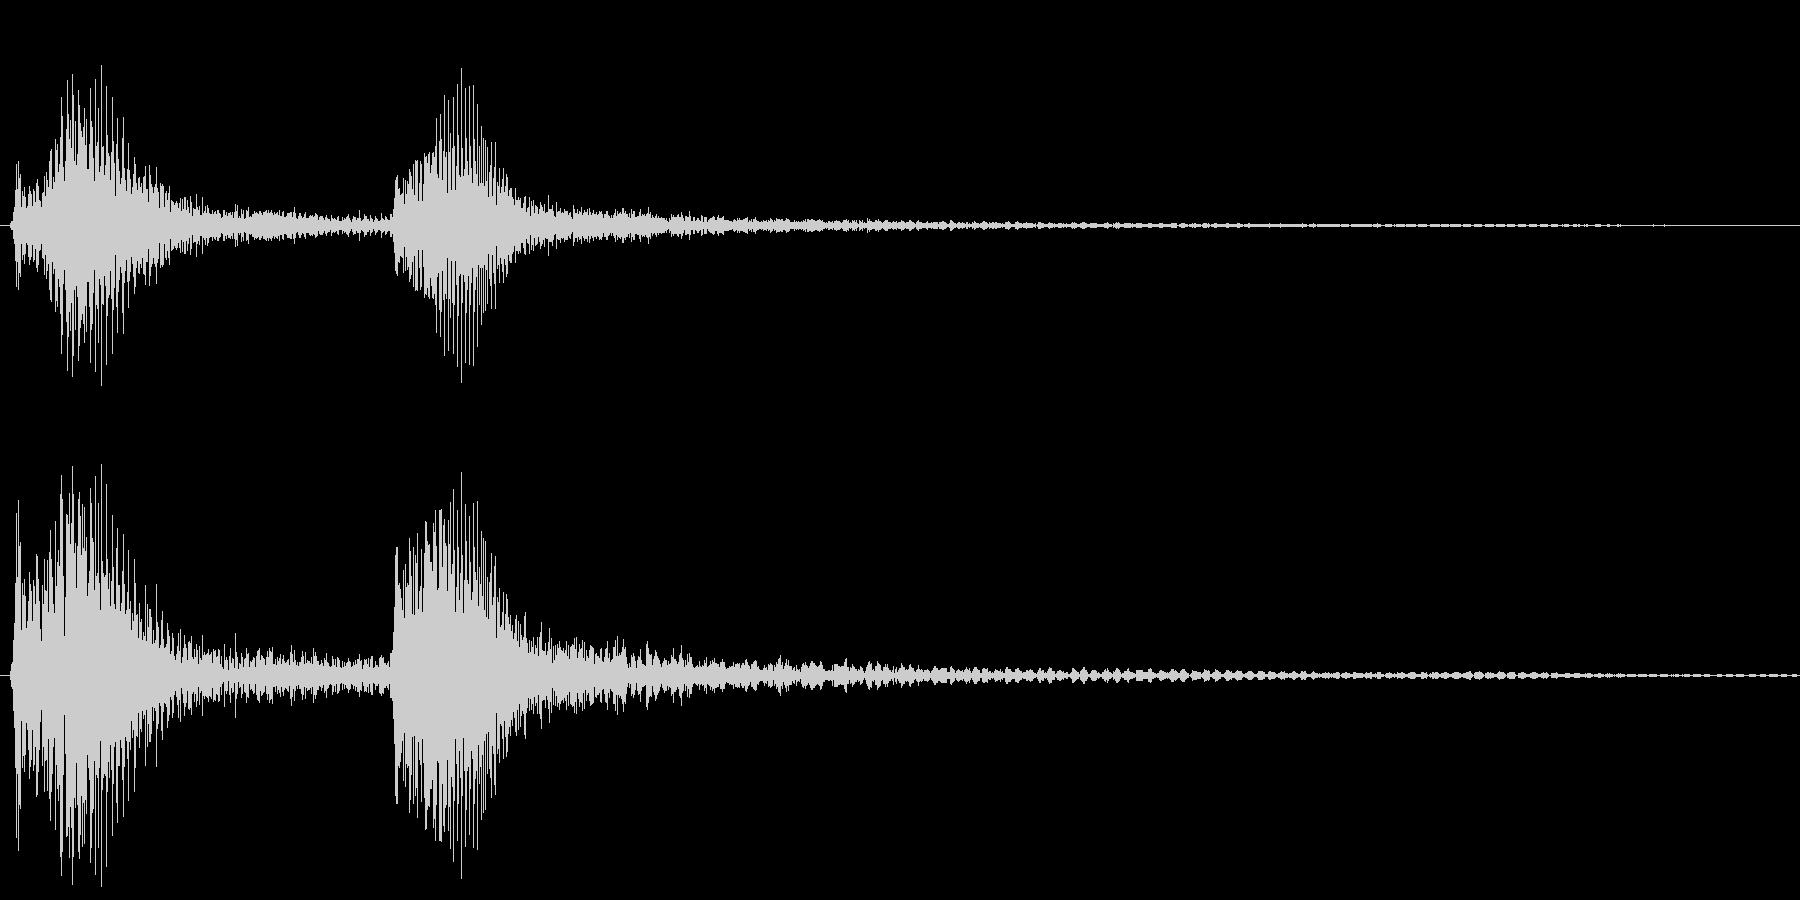 チャンチャン・オチの音(低)の未再生の波形